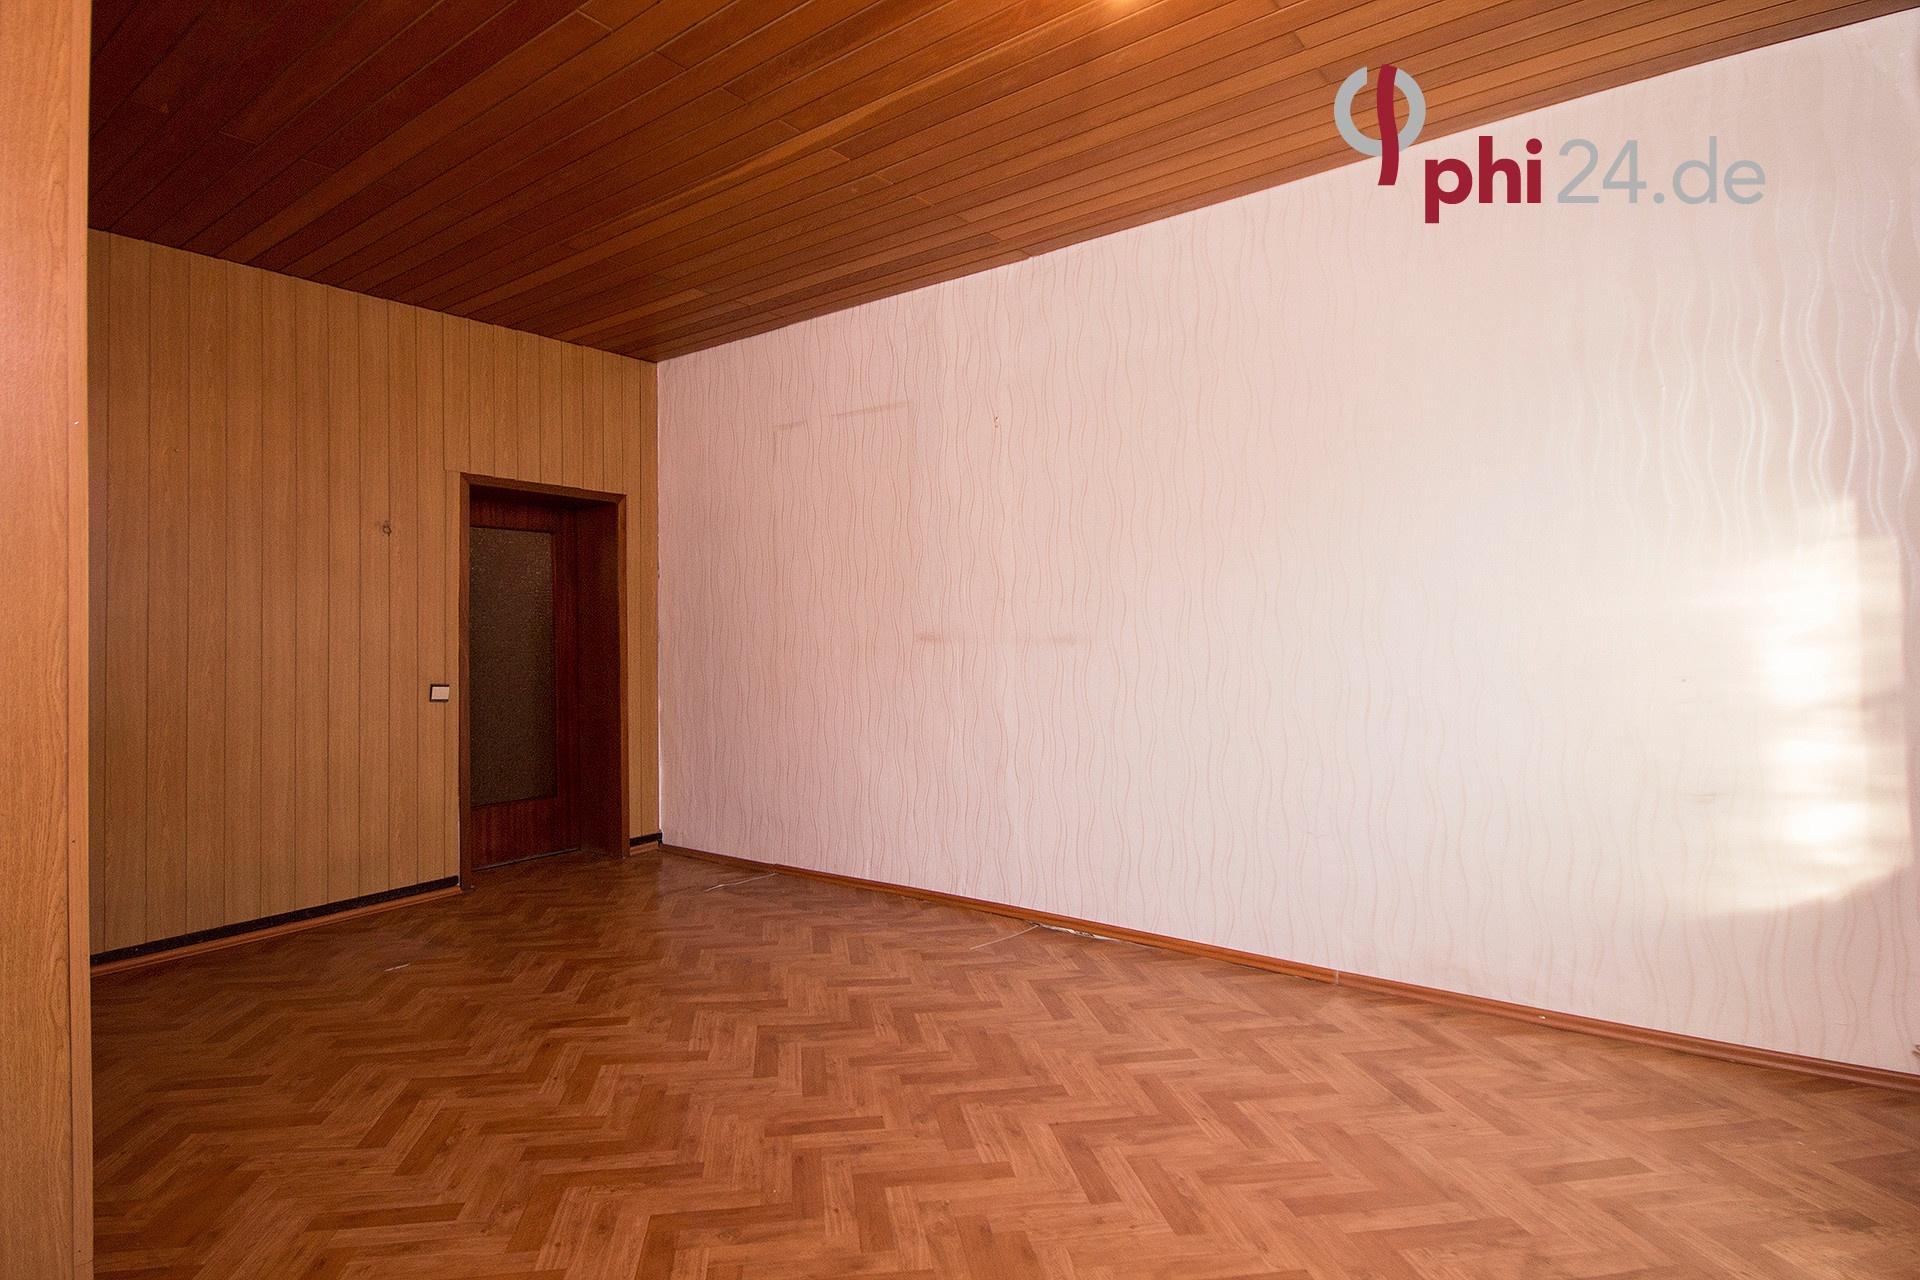 Immobilienmakler Herzogenrath Reihenmittelhaus referenzen mit Immobilienbewertung